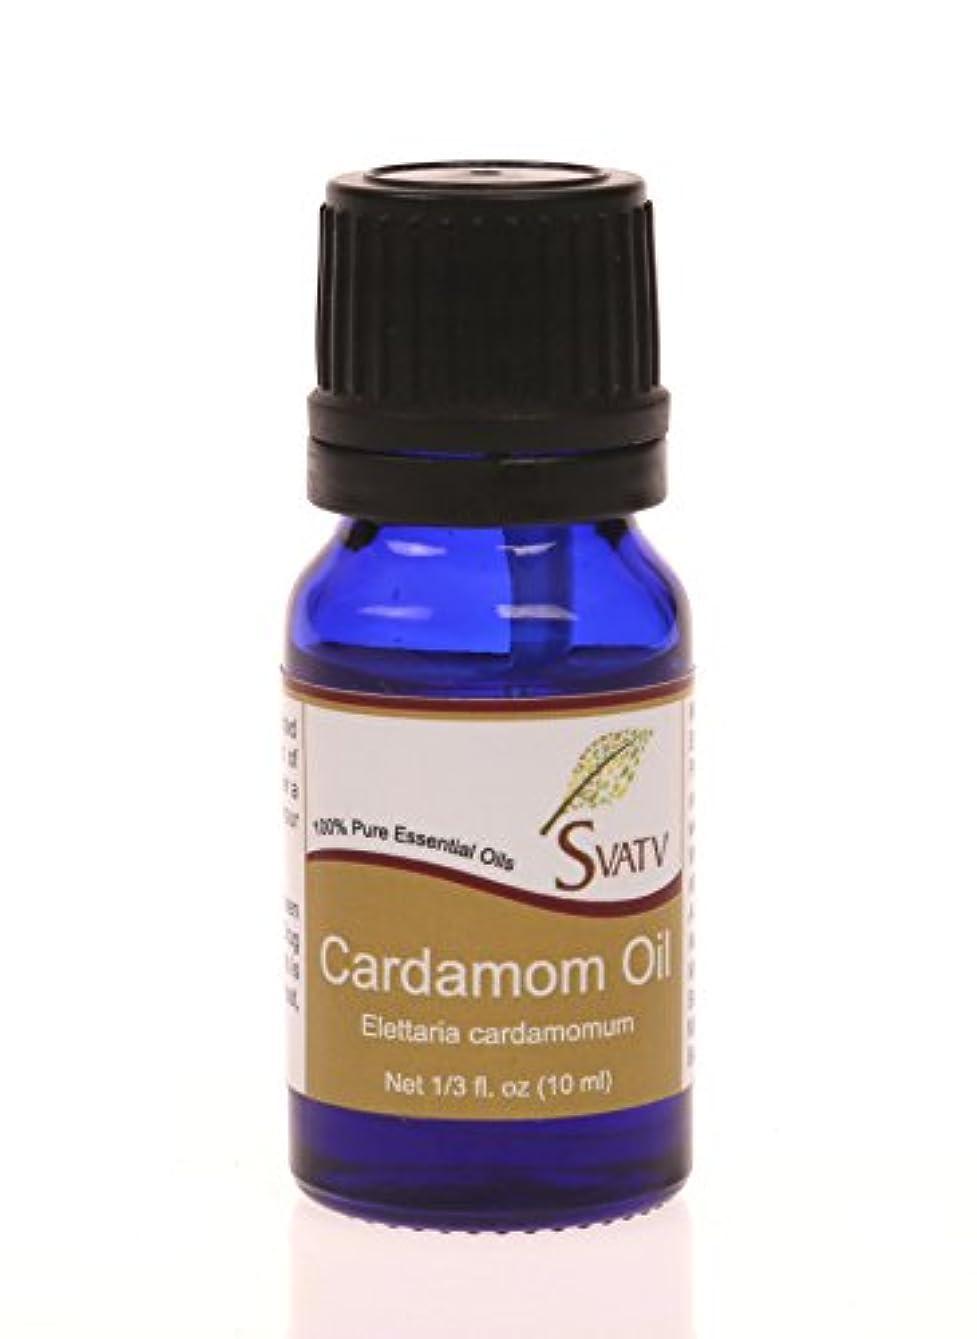 角度宿題汚染SVATVカルダモン(Elettaria cardamomum)エッセンシャルオイル10mL(1/3オンス)100%純粋で無希釈、治療グレード